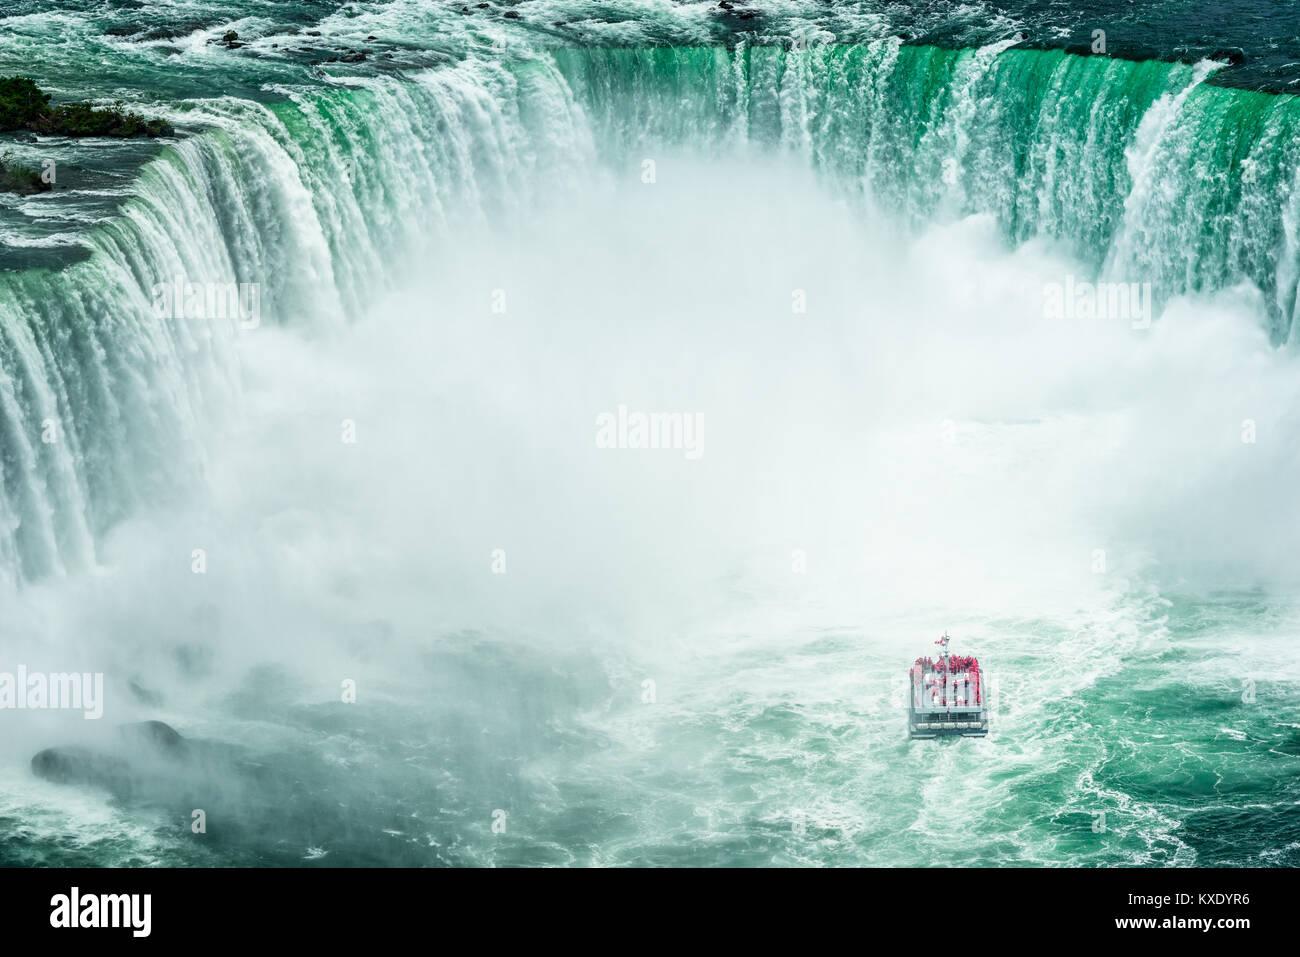 High Angle view sur l'approche du navire à passagers à Niagara Falls, vu de côté canadien Banque D'Images